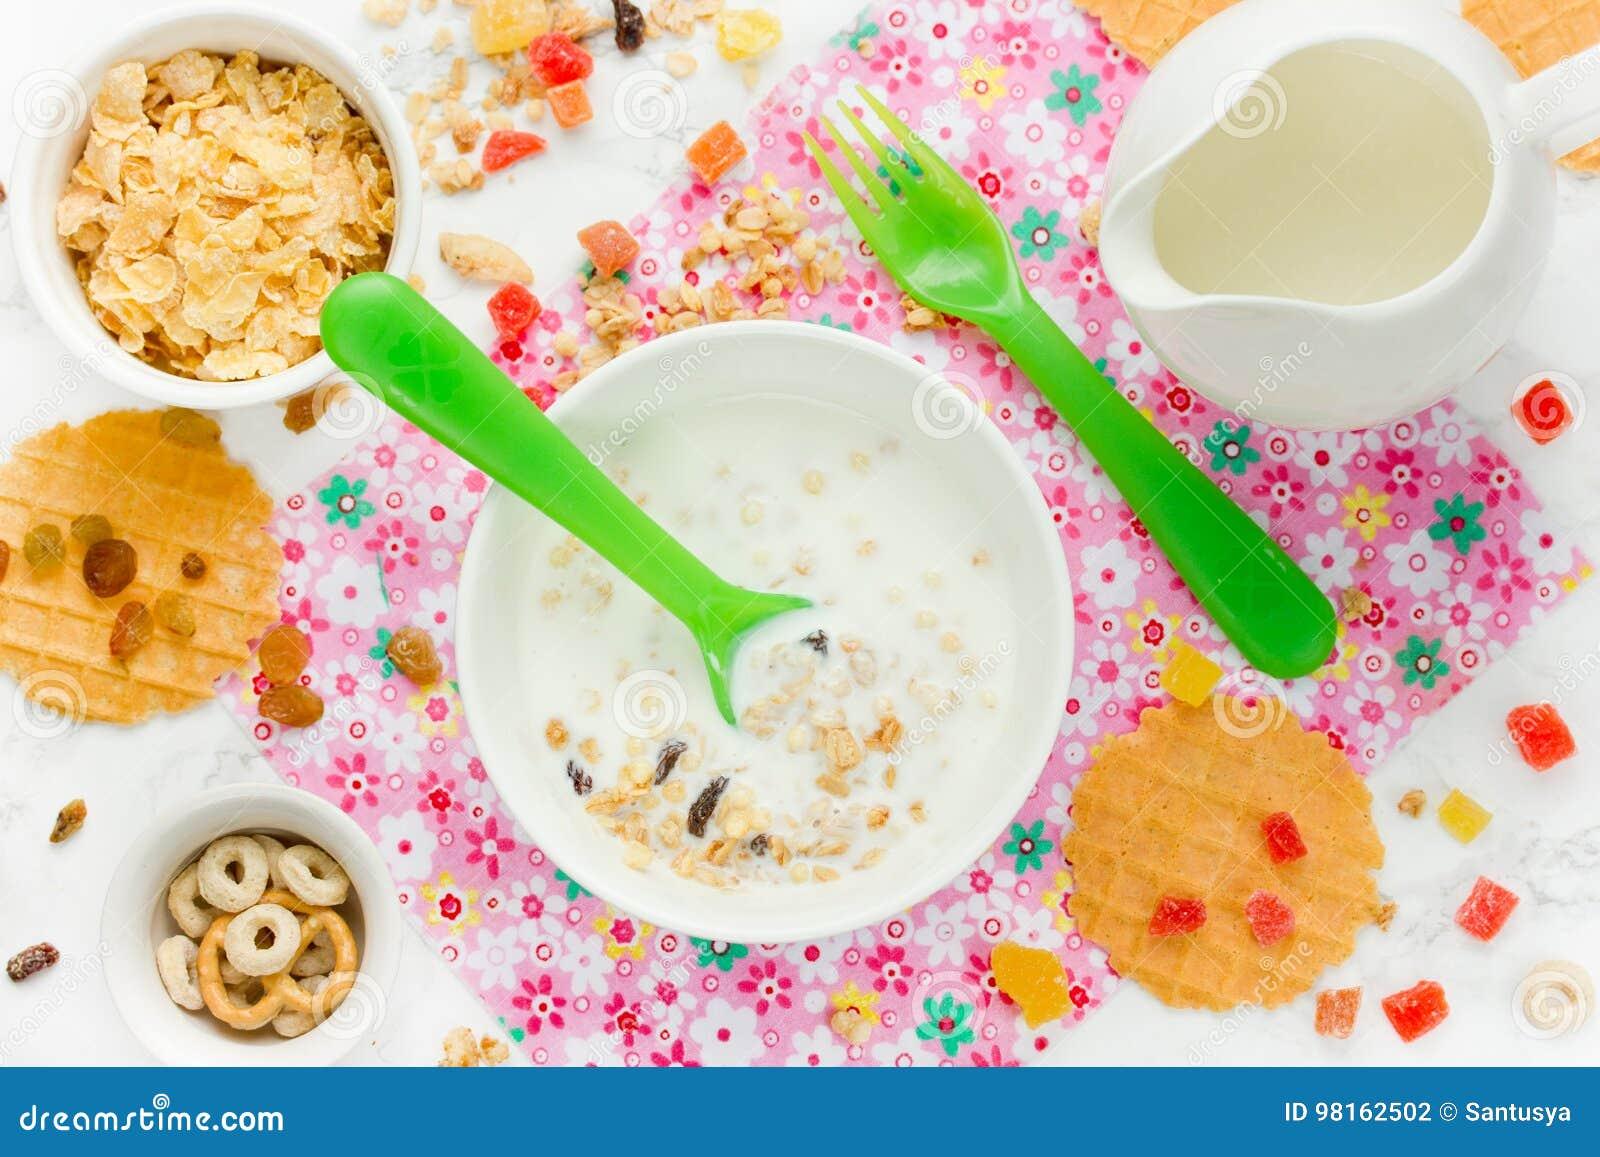 snack dietetici per bambini